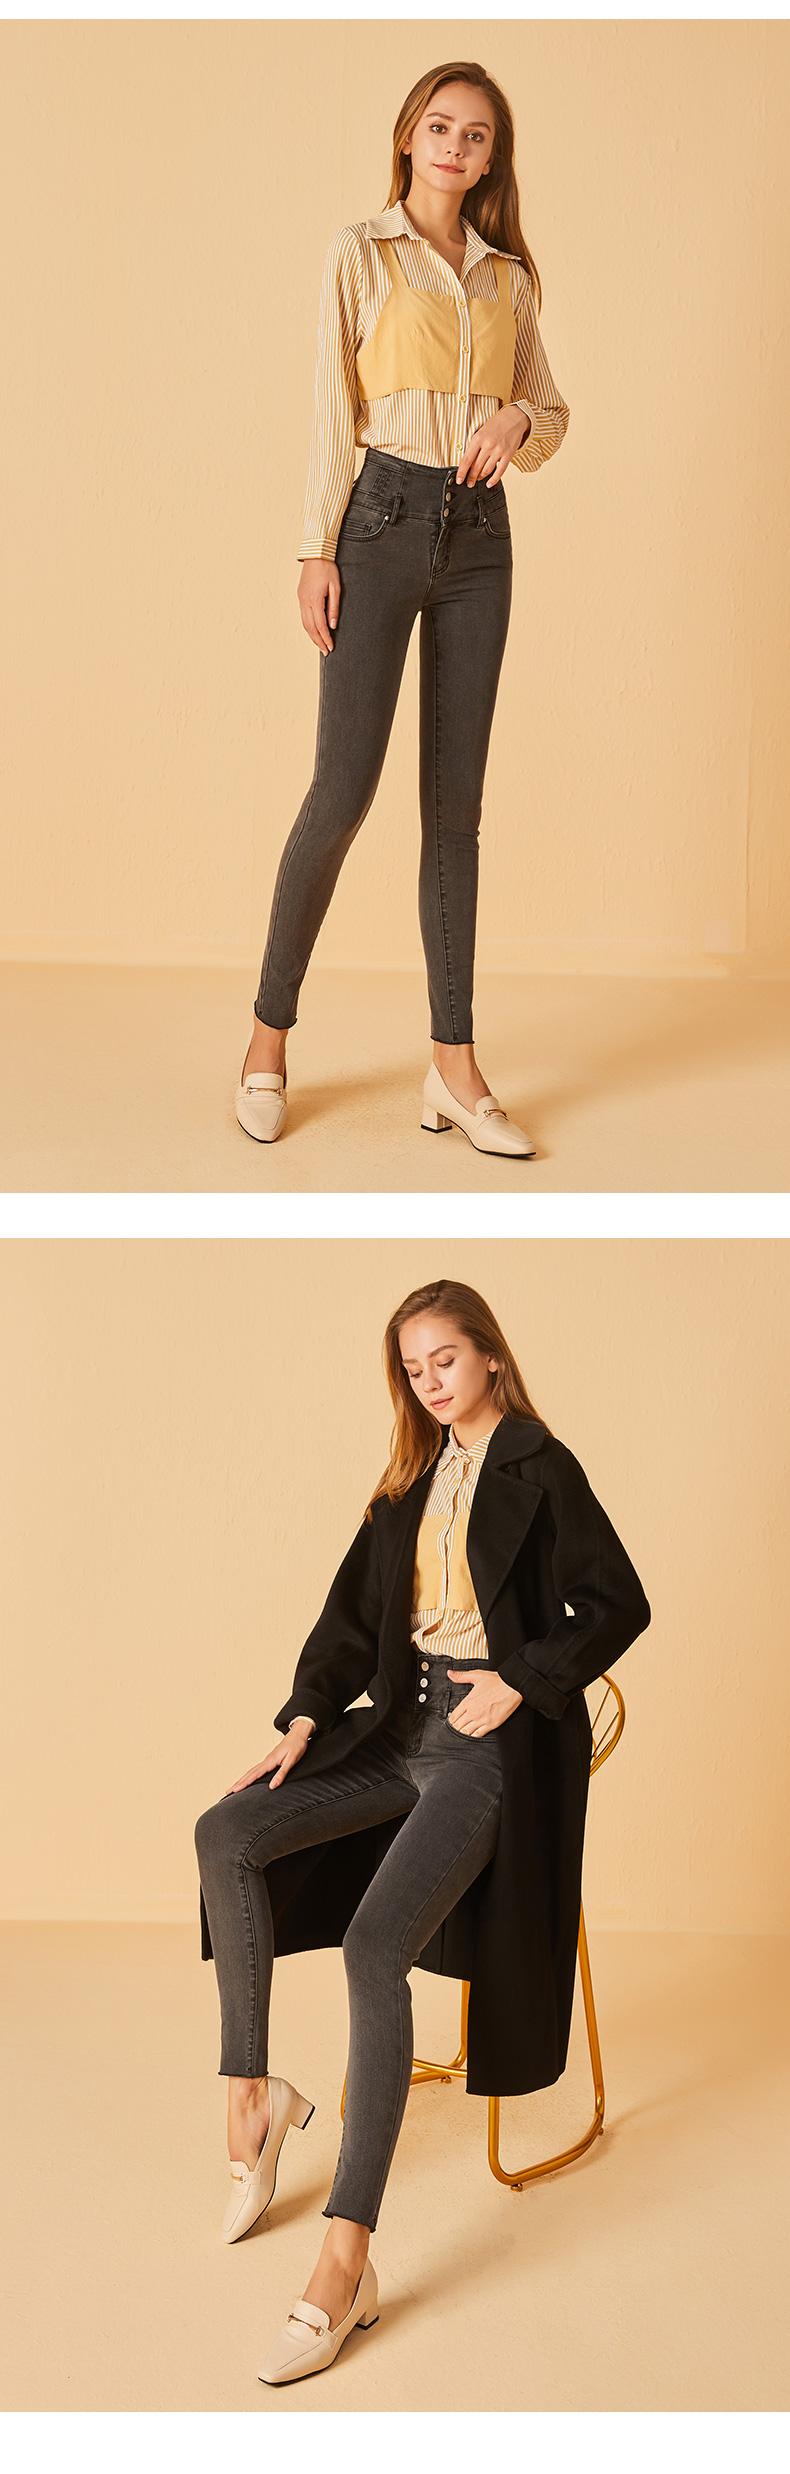 高腰牛仔裤女士年秋冬修身显瘦弹力紧身加薄绒小脚长裤详细照片